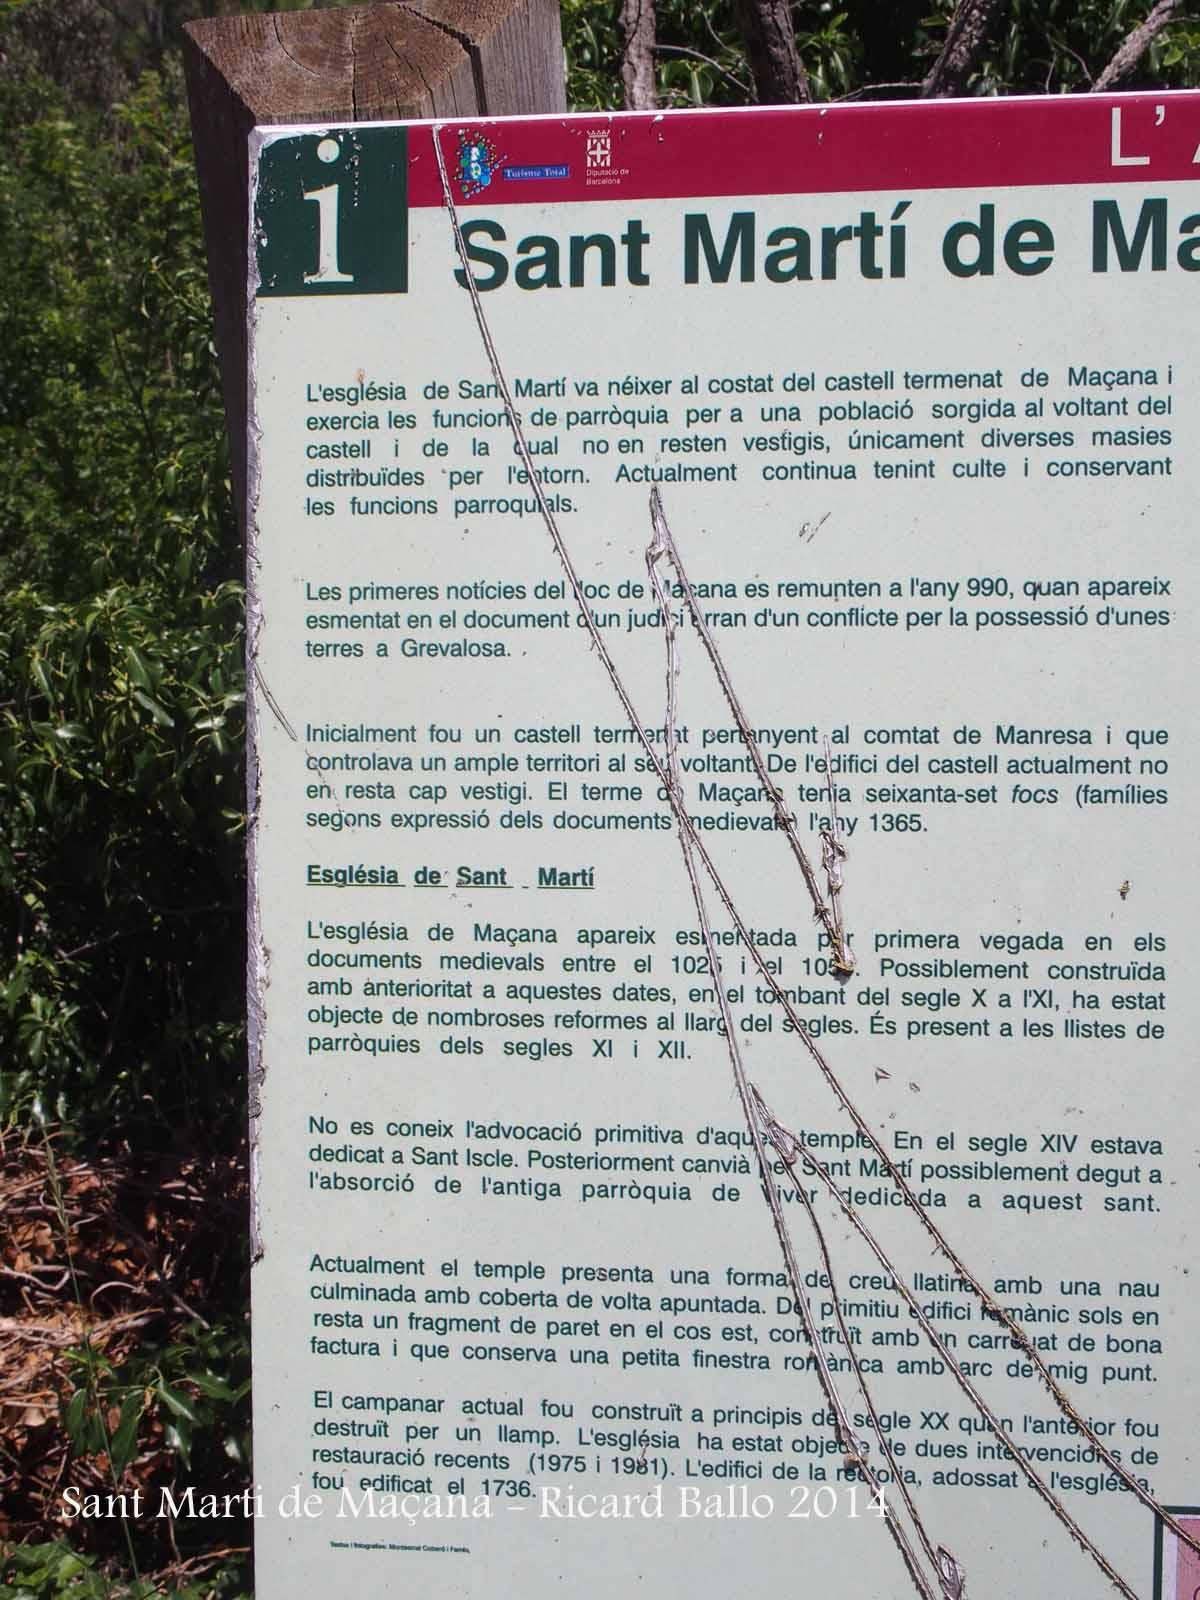 Església de Sant Martí de Maçana – Rubió - Ampliació, per fer-lo llegible, d'un plafó informatiu situat al davant de l'església.